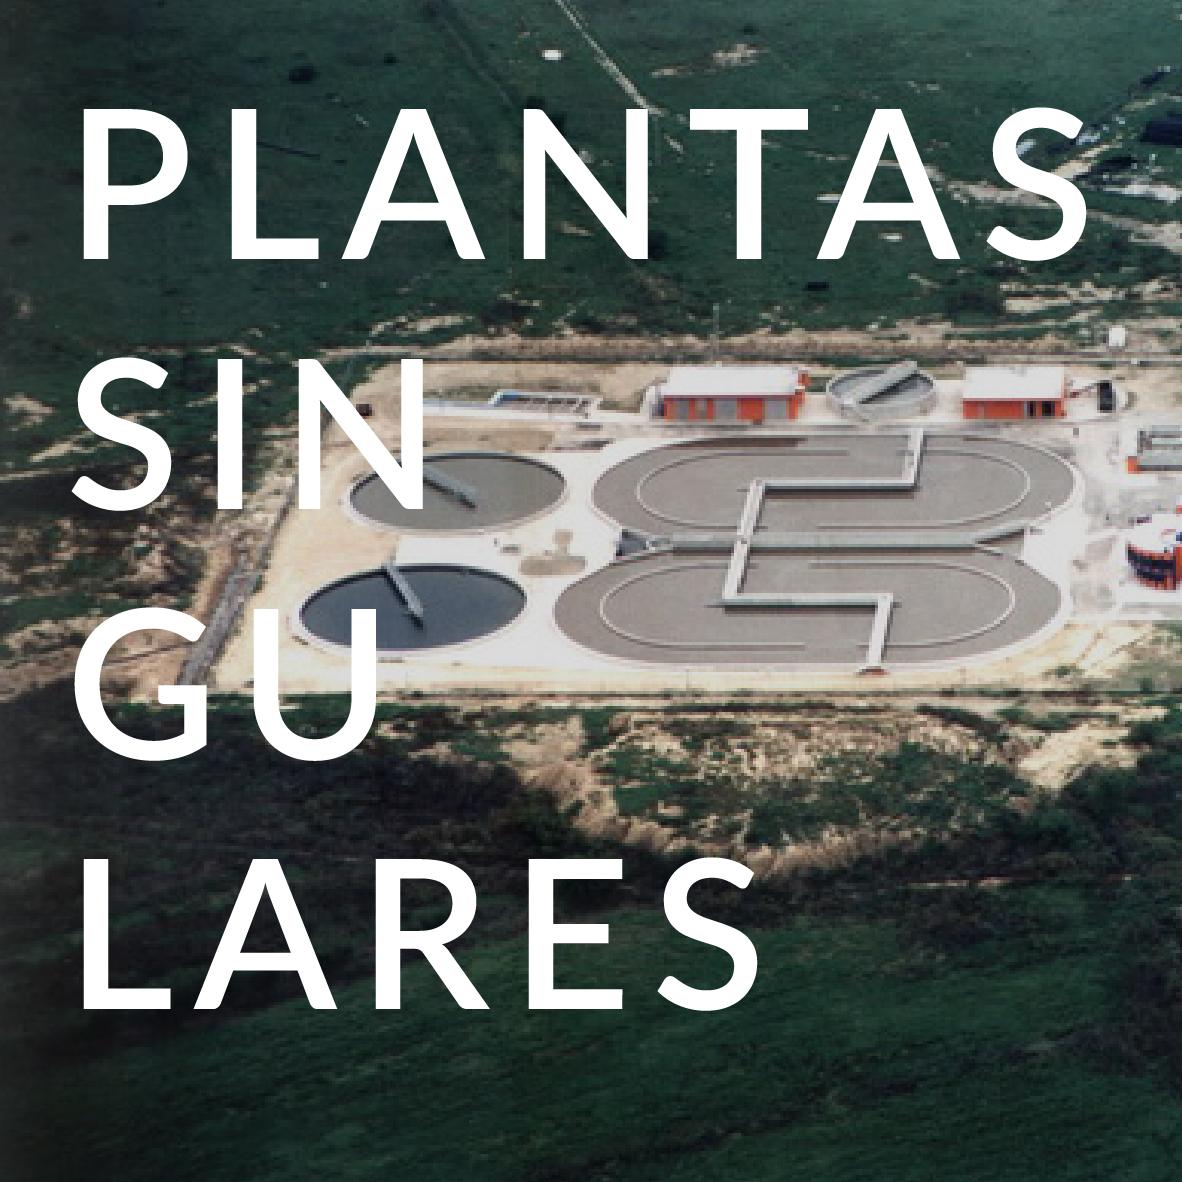 Vista aérea de la tecnología de una de las plantas singulares de Arema